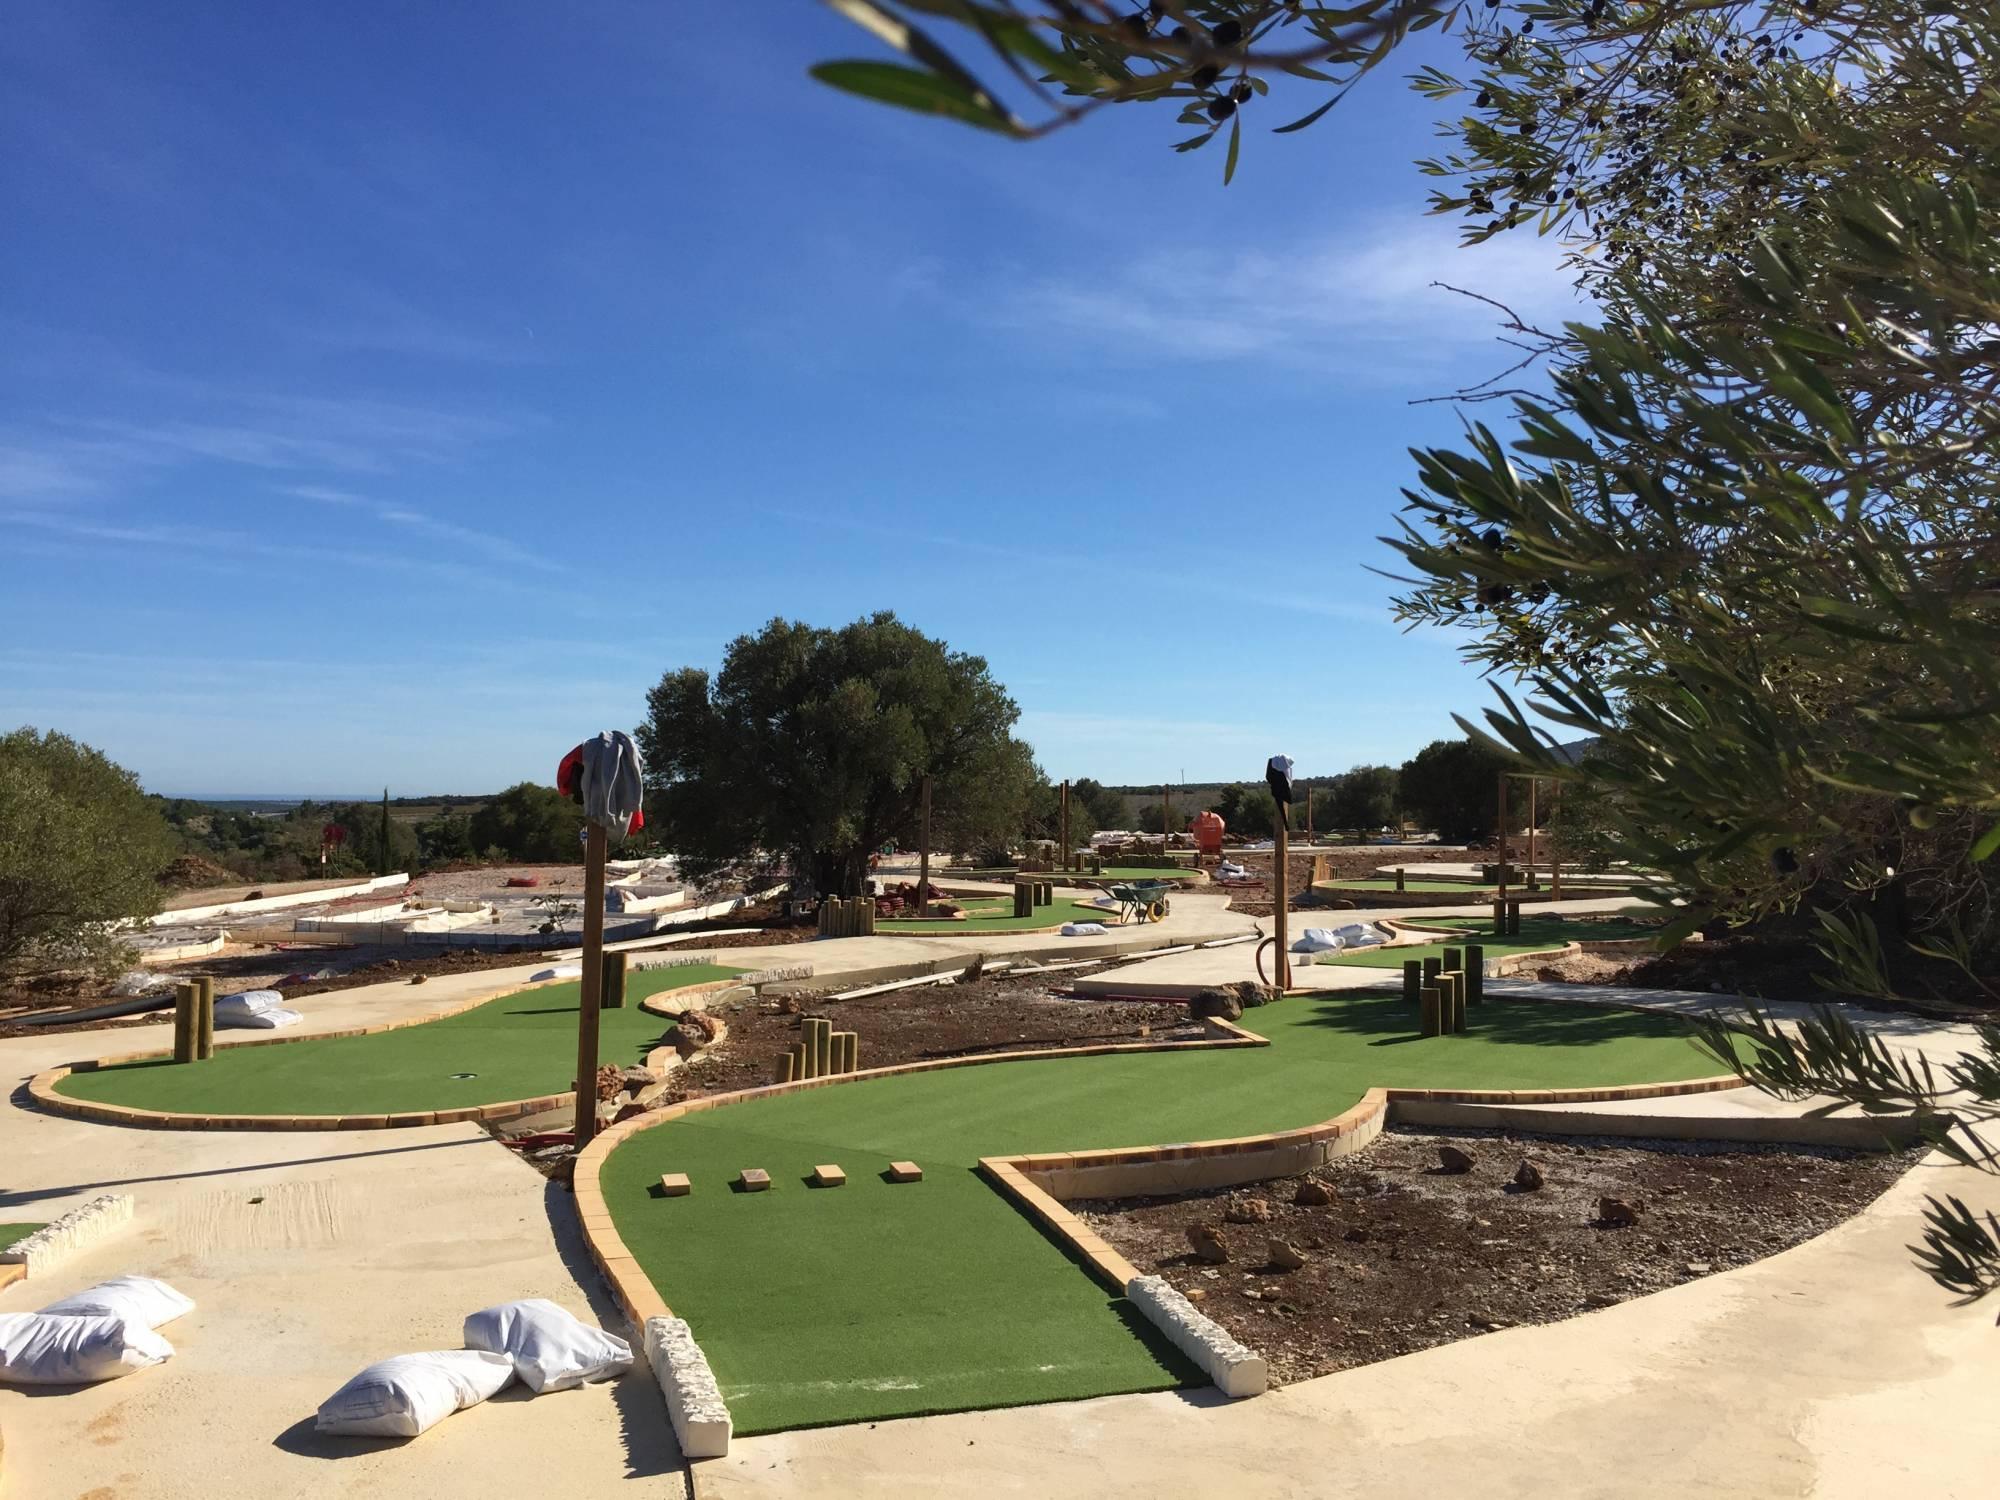 gazon synthétique pour piste de mini-golf